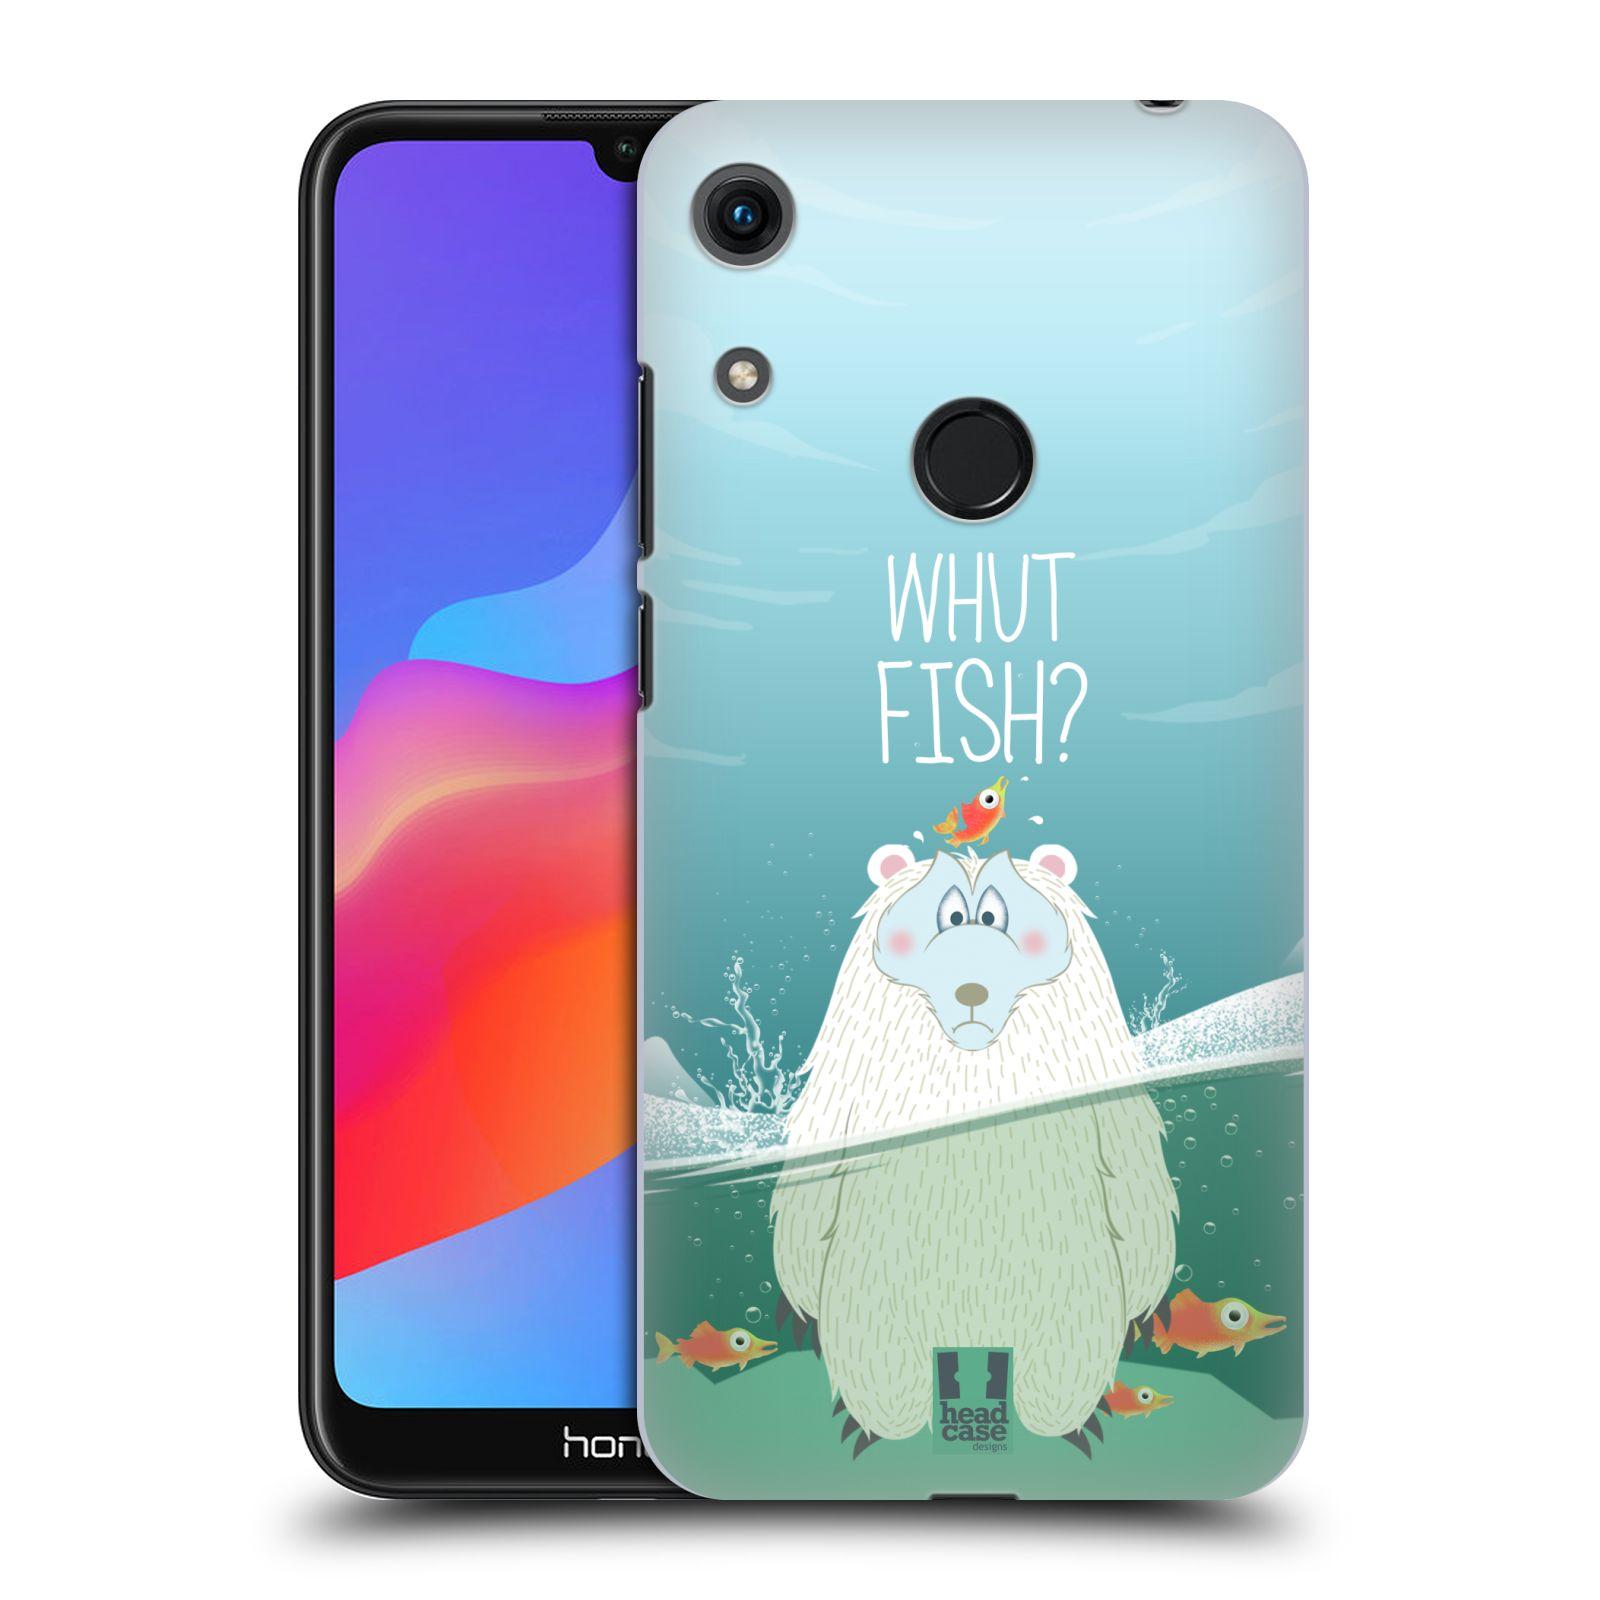 Plastové pouzdro na mobil Honor 8A - Head Case - Medvěd Whut Fish?